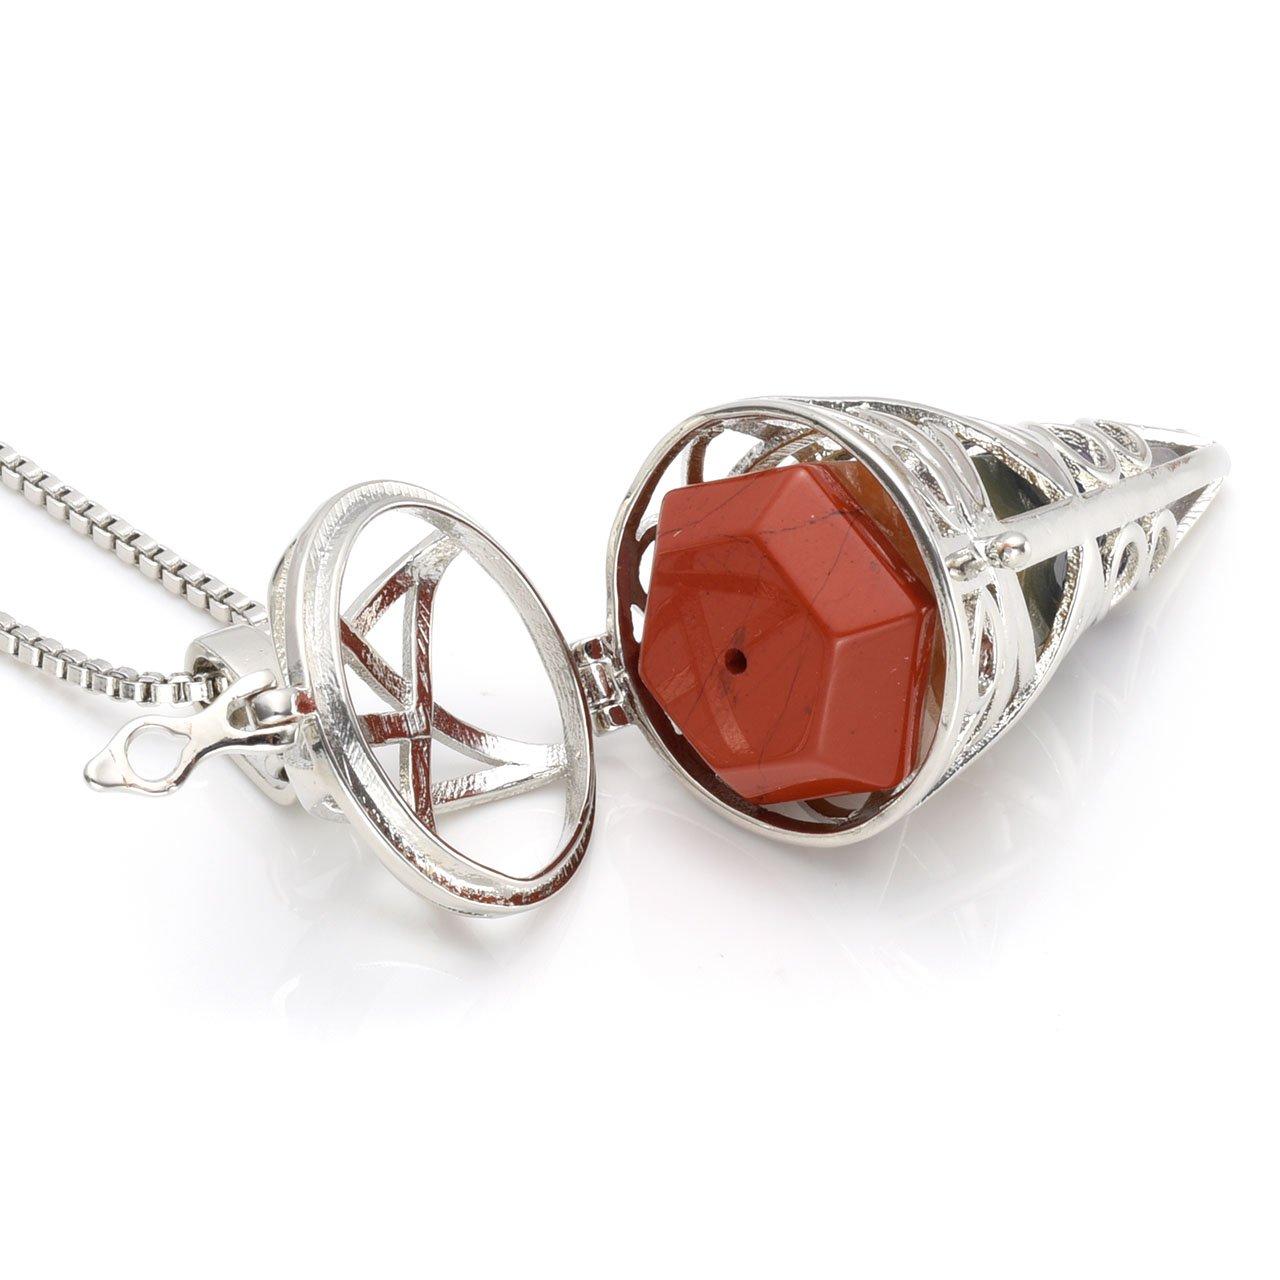 Péndulo Con Cristales Collar de acero inoxidable de 16 pulgadas de oro rosa de Reino Unido